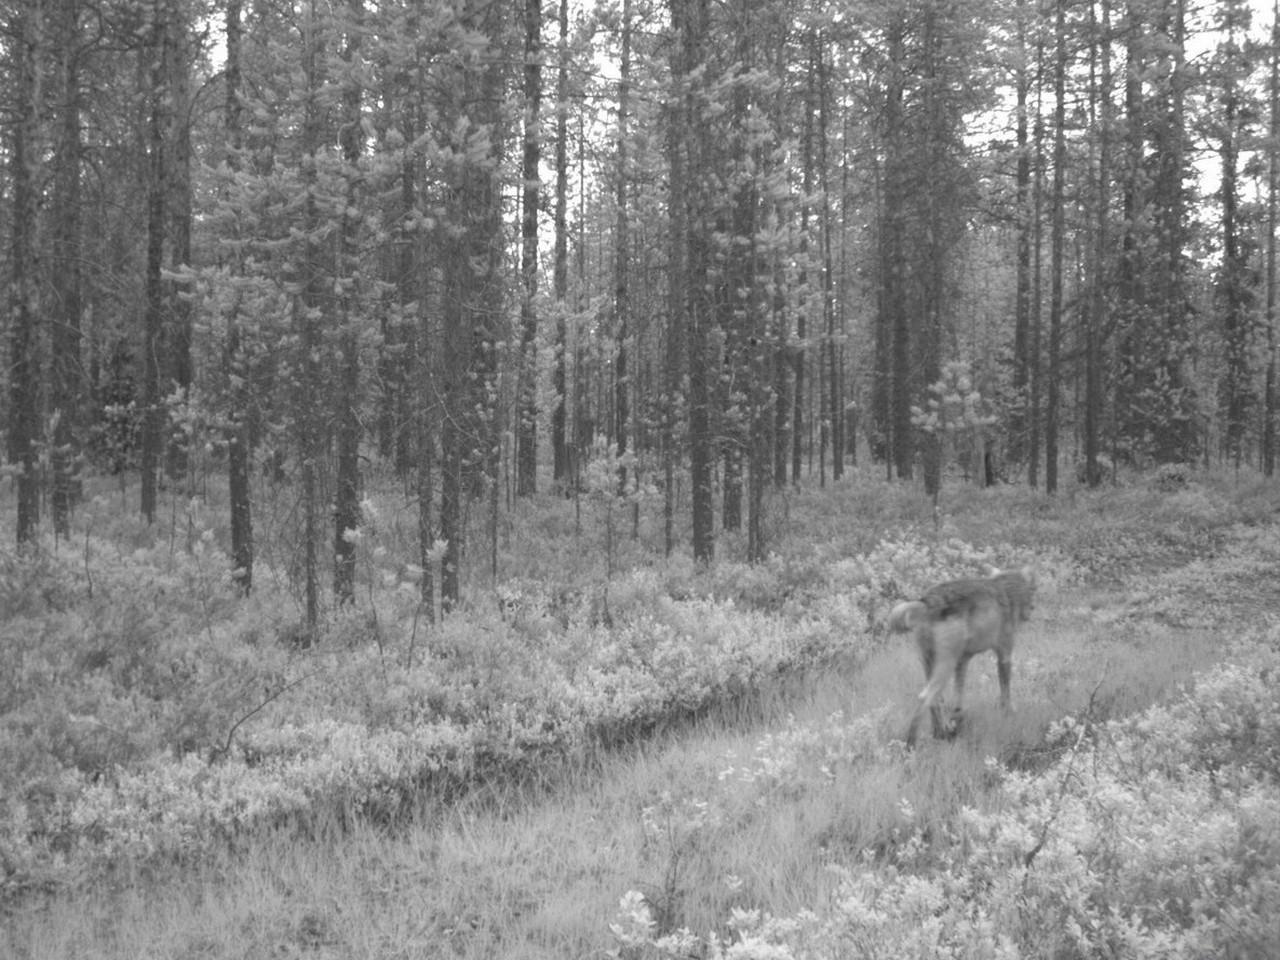 поделитесь своей странные фото с камер ловушек в лесу фотографа является